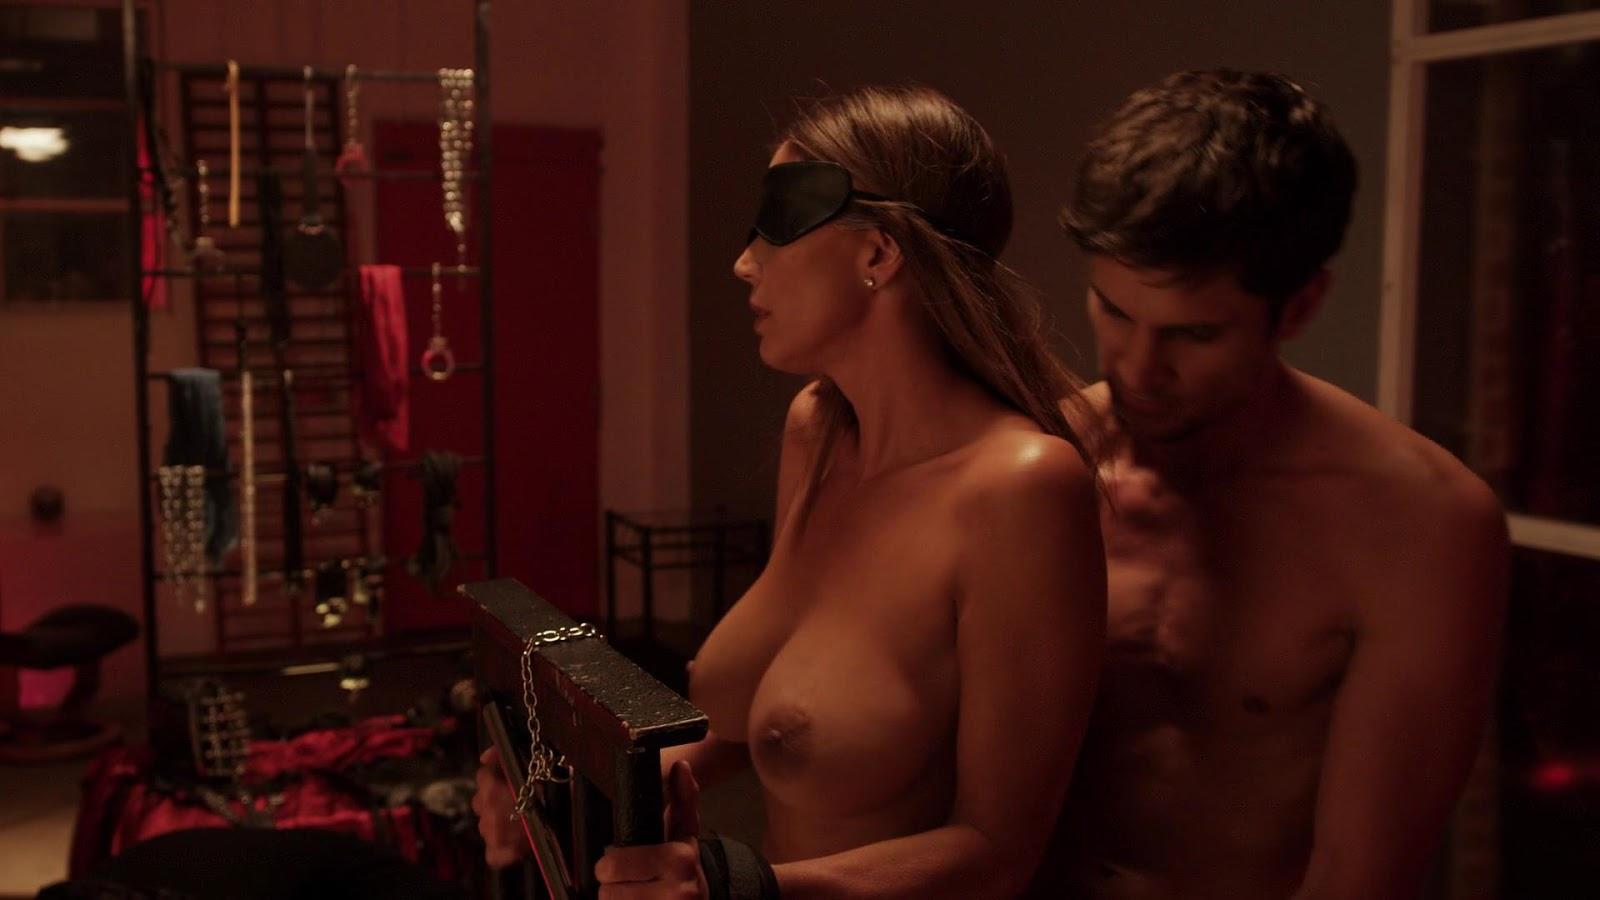 смотреть про сексуальные фильмы